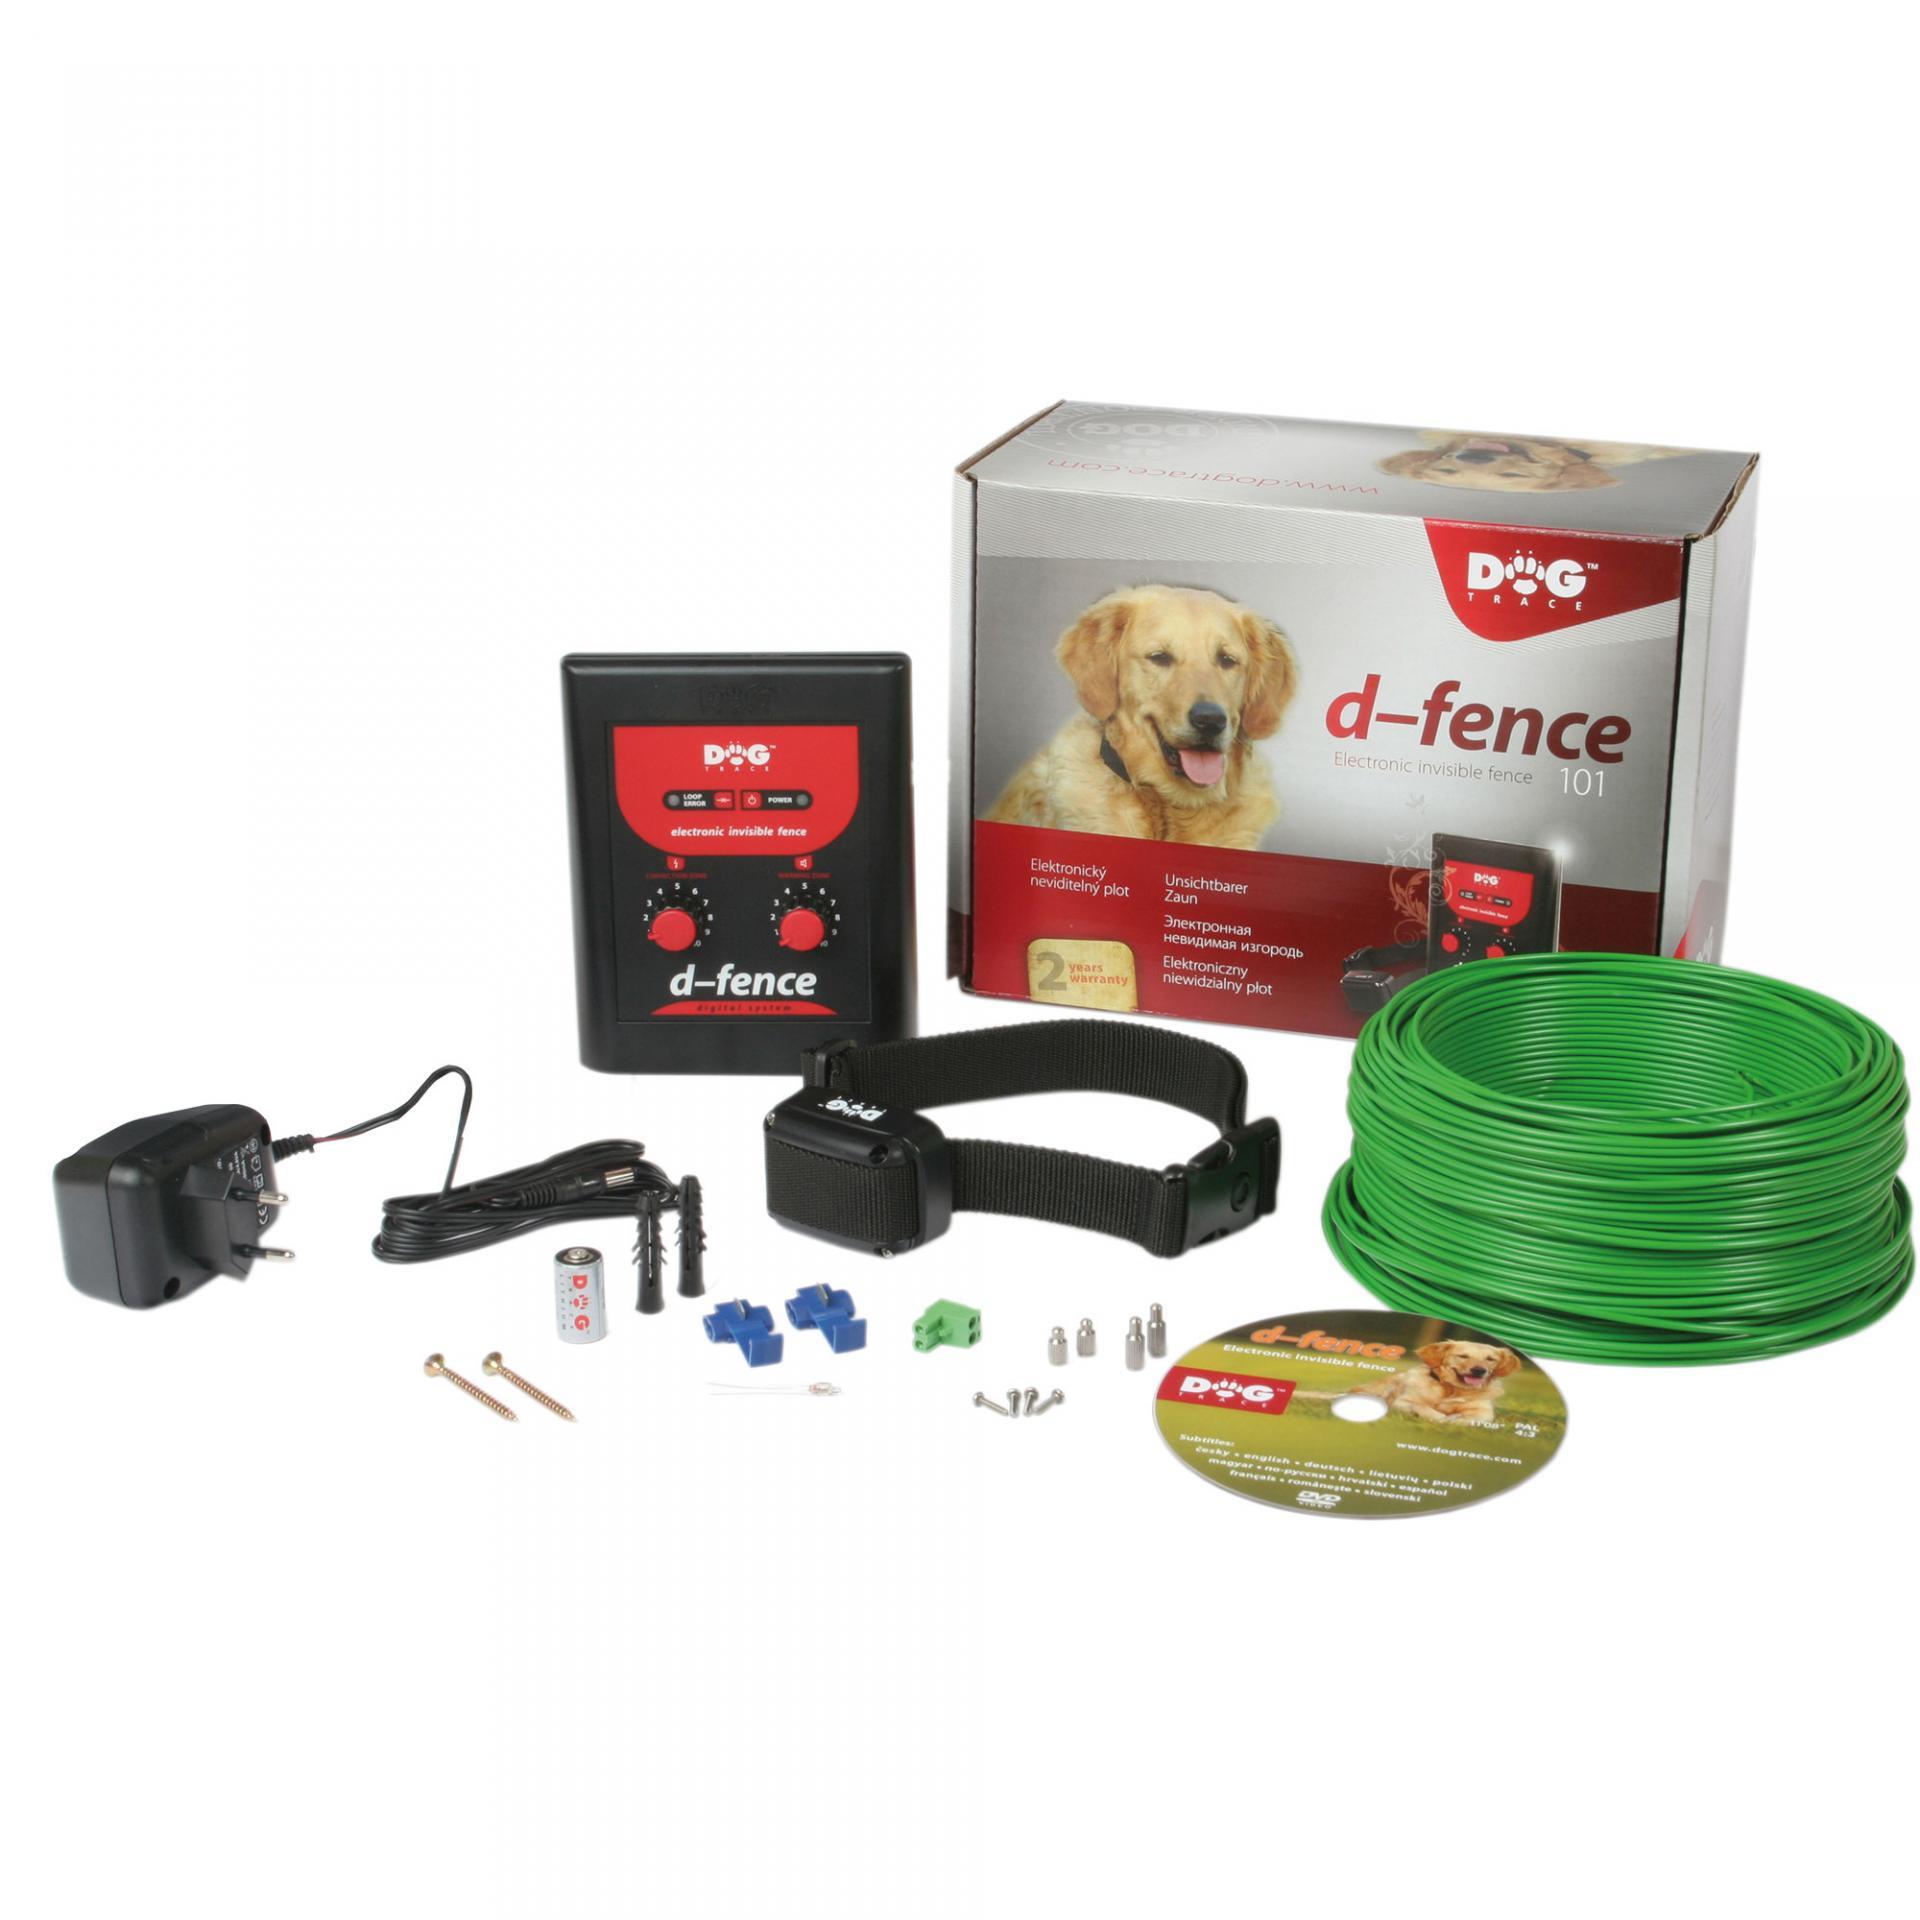 Clo ture e lectrique invisible pour chien de la marque dog trace d fense 101 empe che les chiens de s e chapper